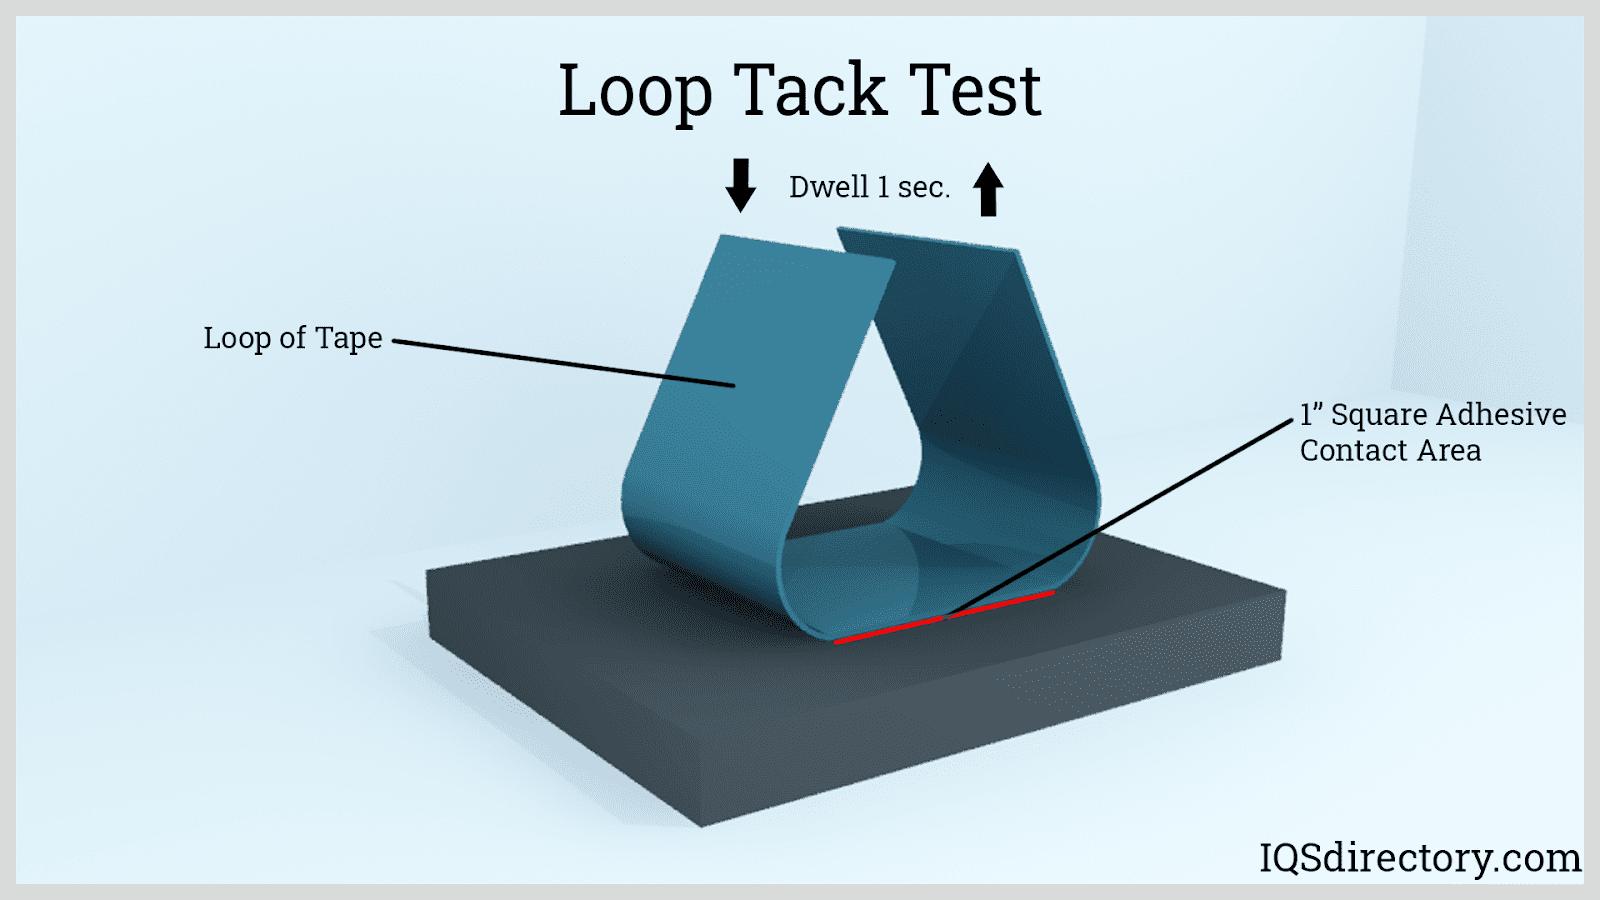 Loop Tack Test